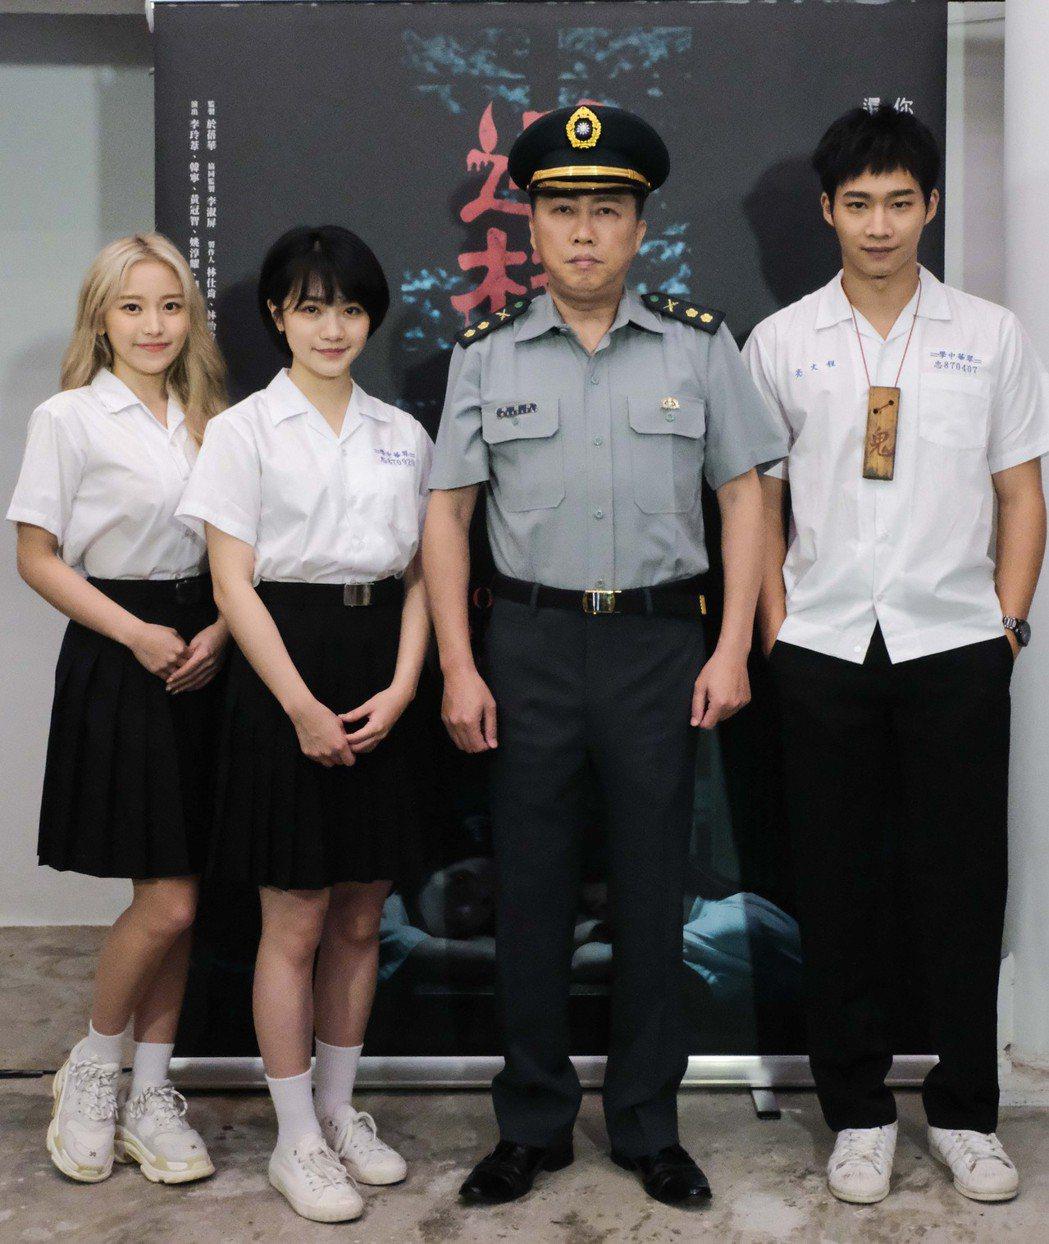 蔡瑞雪(左起)、李玲葦、趙正平、黃冠智出席「返校」茶敘。圖/公視提供